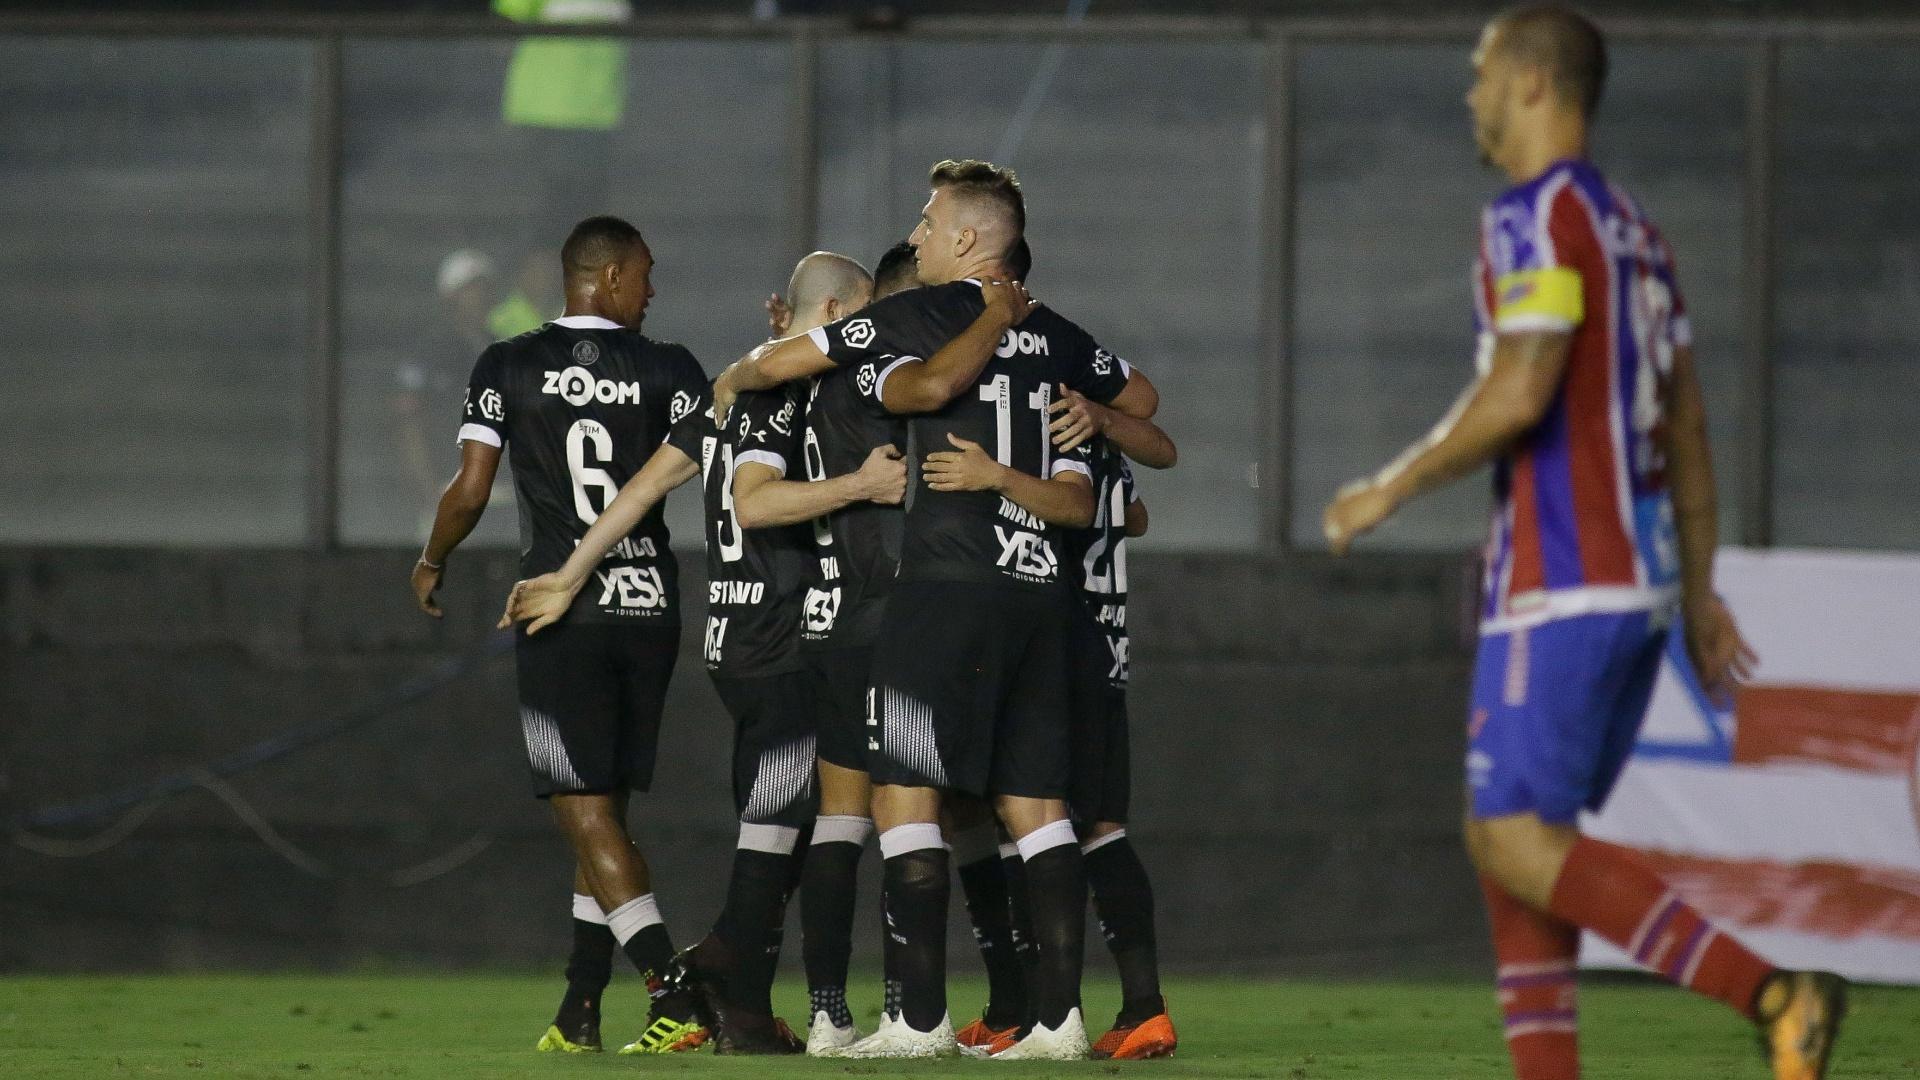 Jogadores do Vasco comemoram gol de Yago Pikachu diante do Bahia